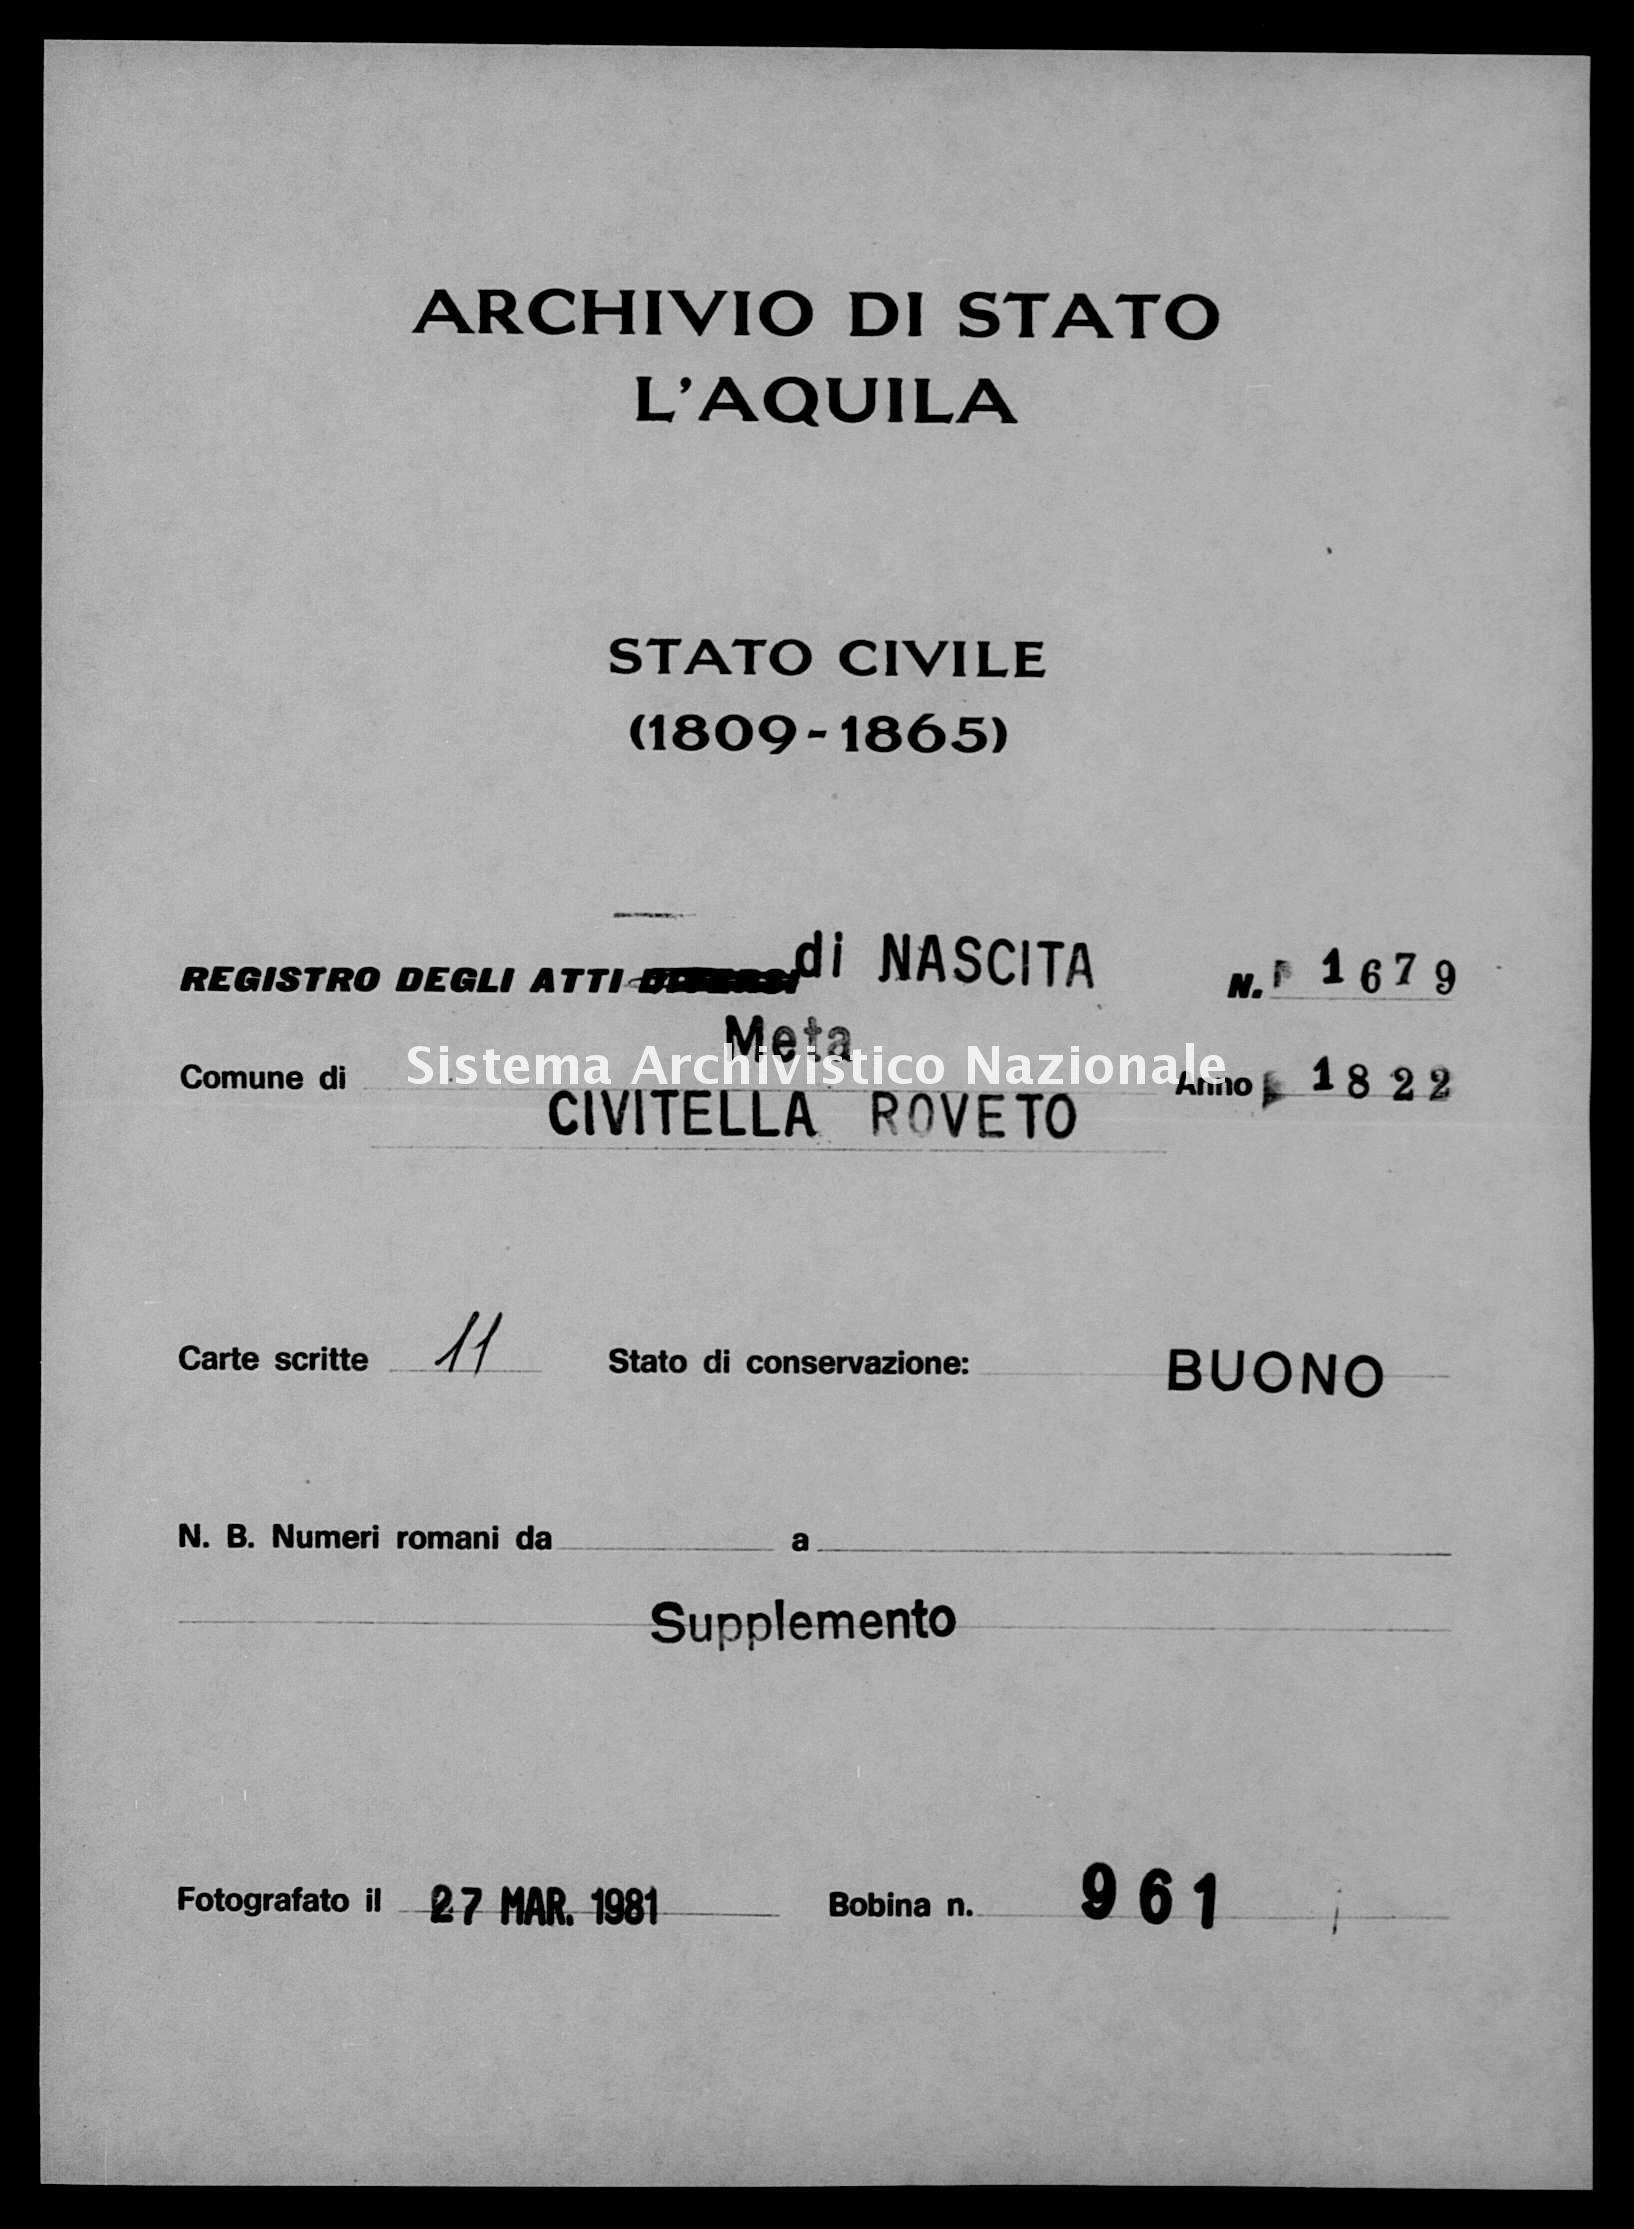 Archivio di stato di L'aquila - Stato civile della restaurazione - Meta - Nati, battesimi - 1822 - 1679 -